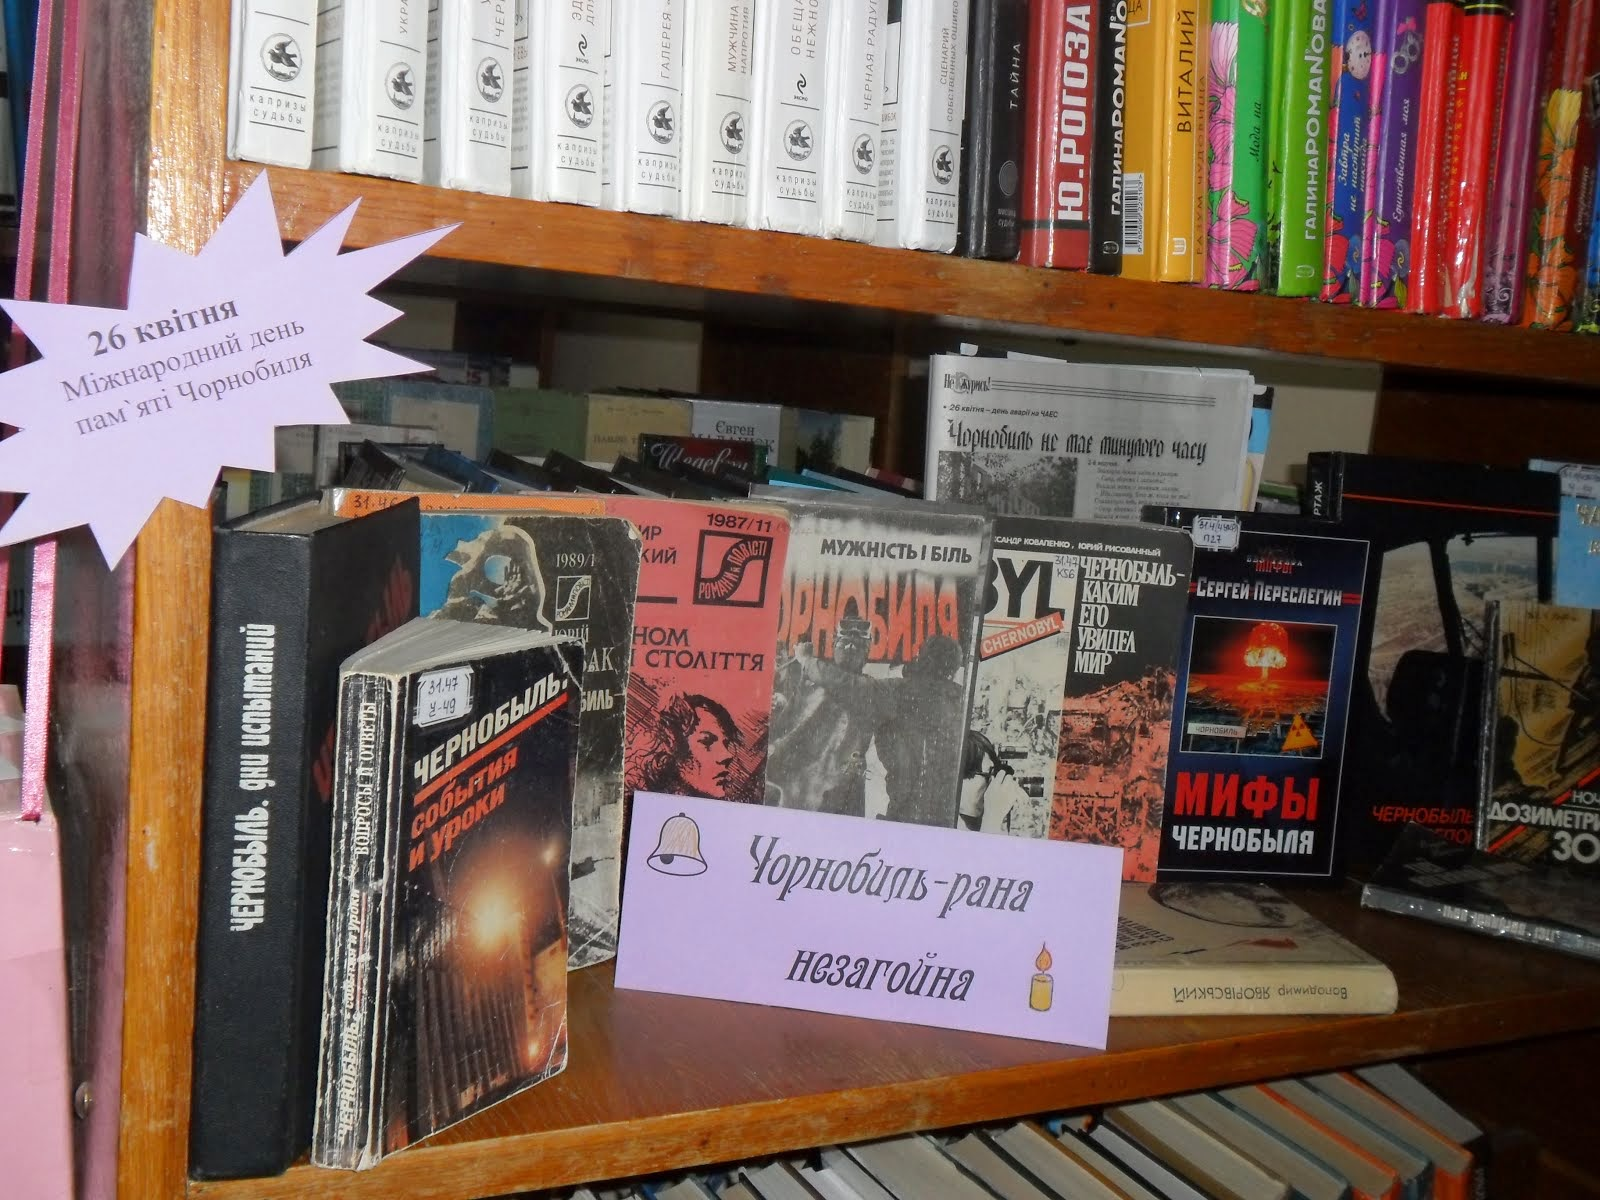 Книжкові полички до календарних дат та з певної тематики